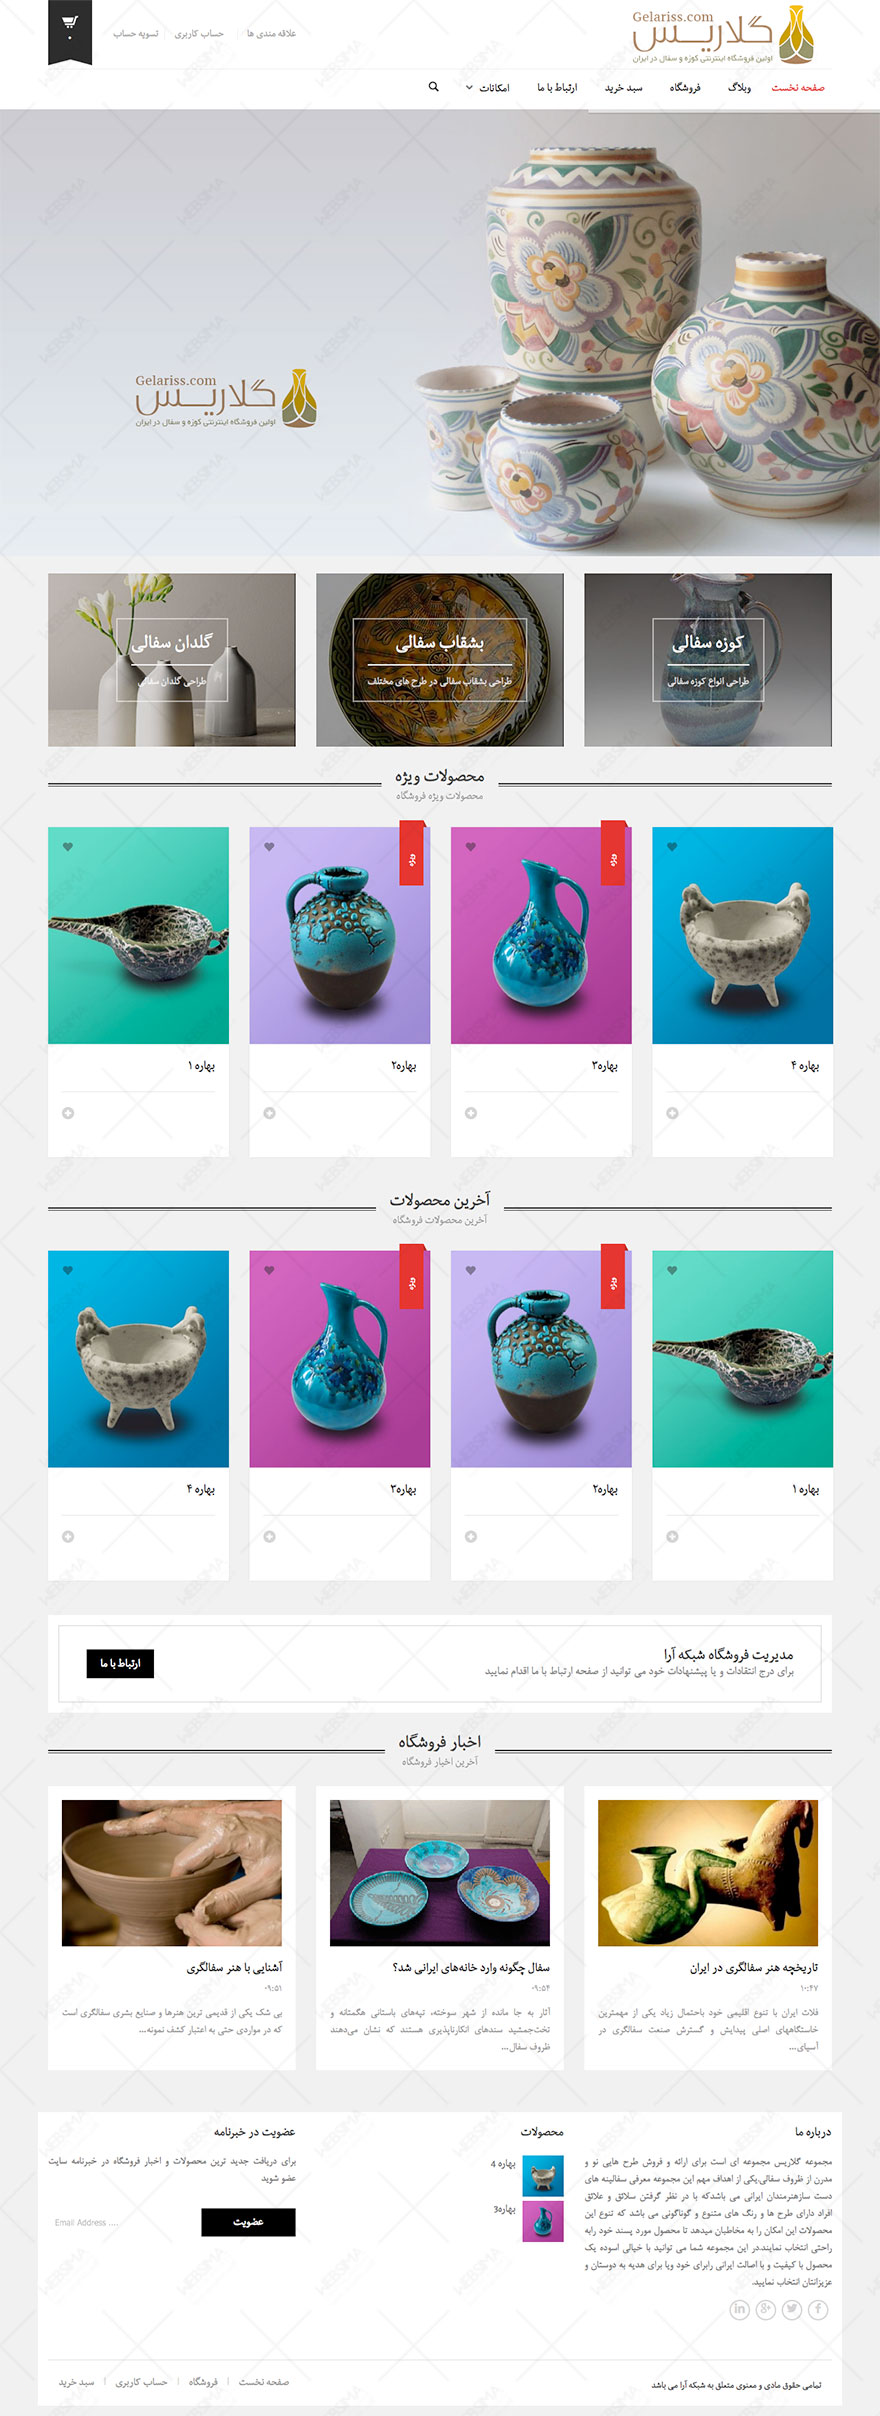 طراحی وبسایت گلاریس